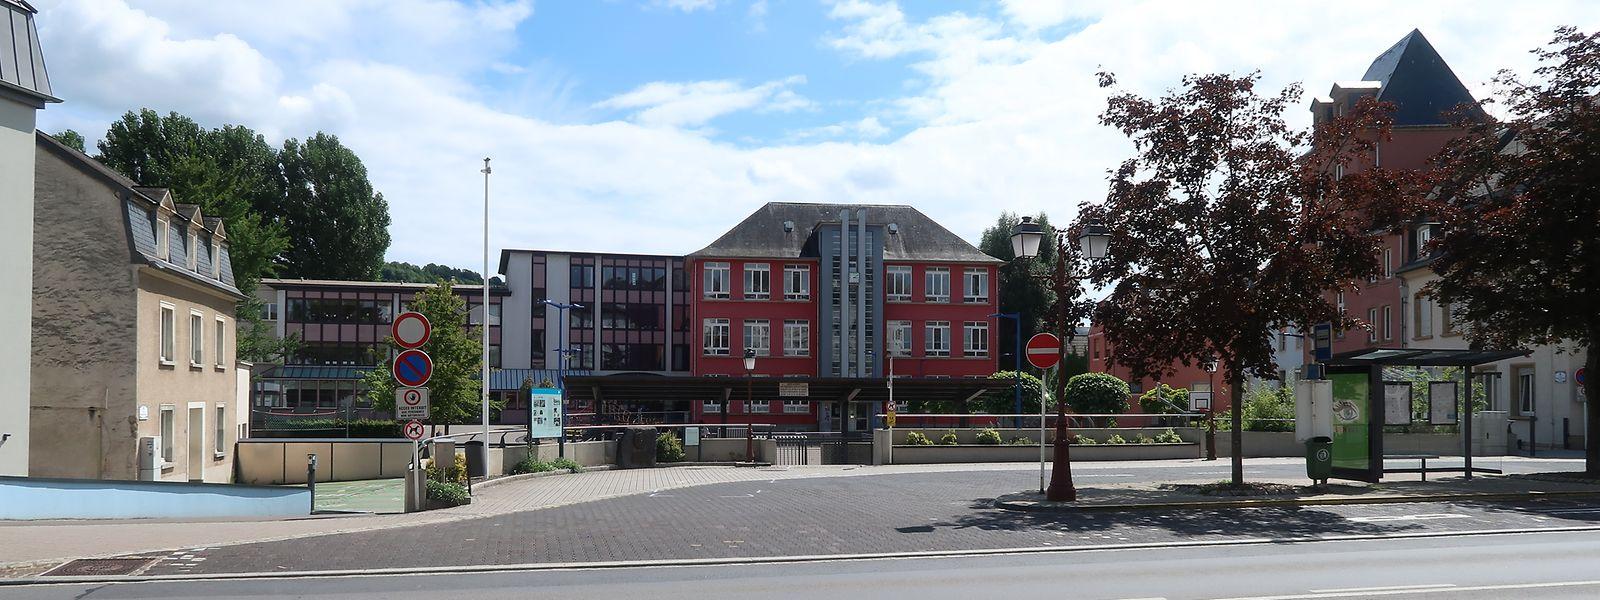 O dramático incidente ocorreu na Praça Marie-Thérèse em Ettelbruck.